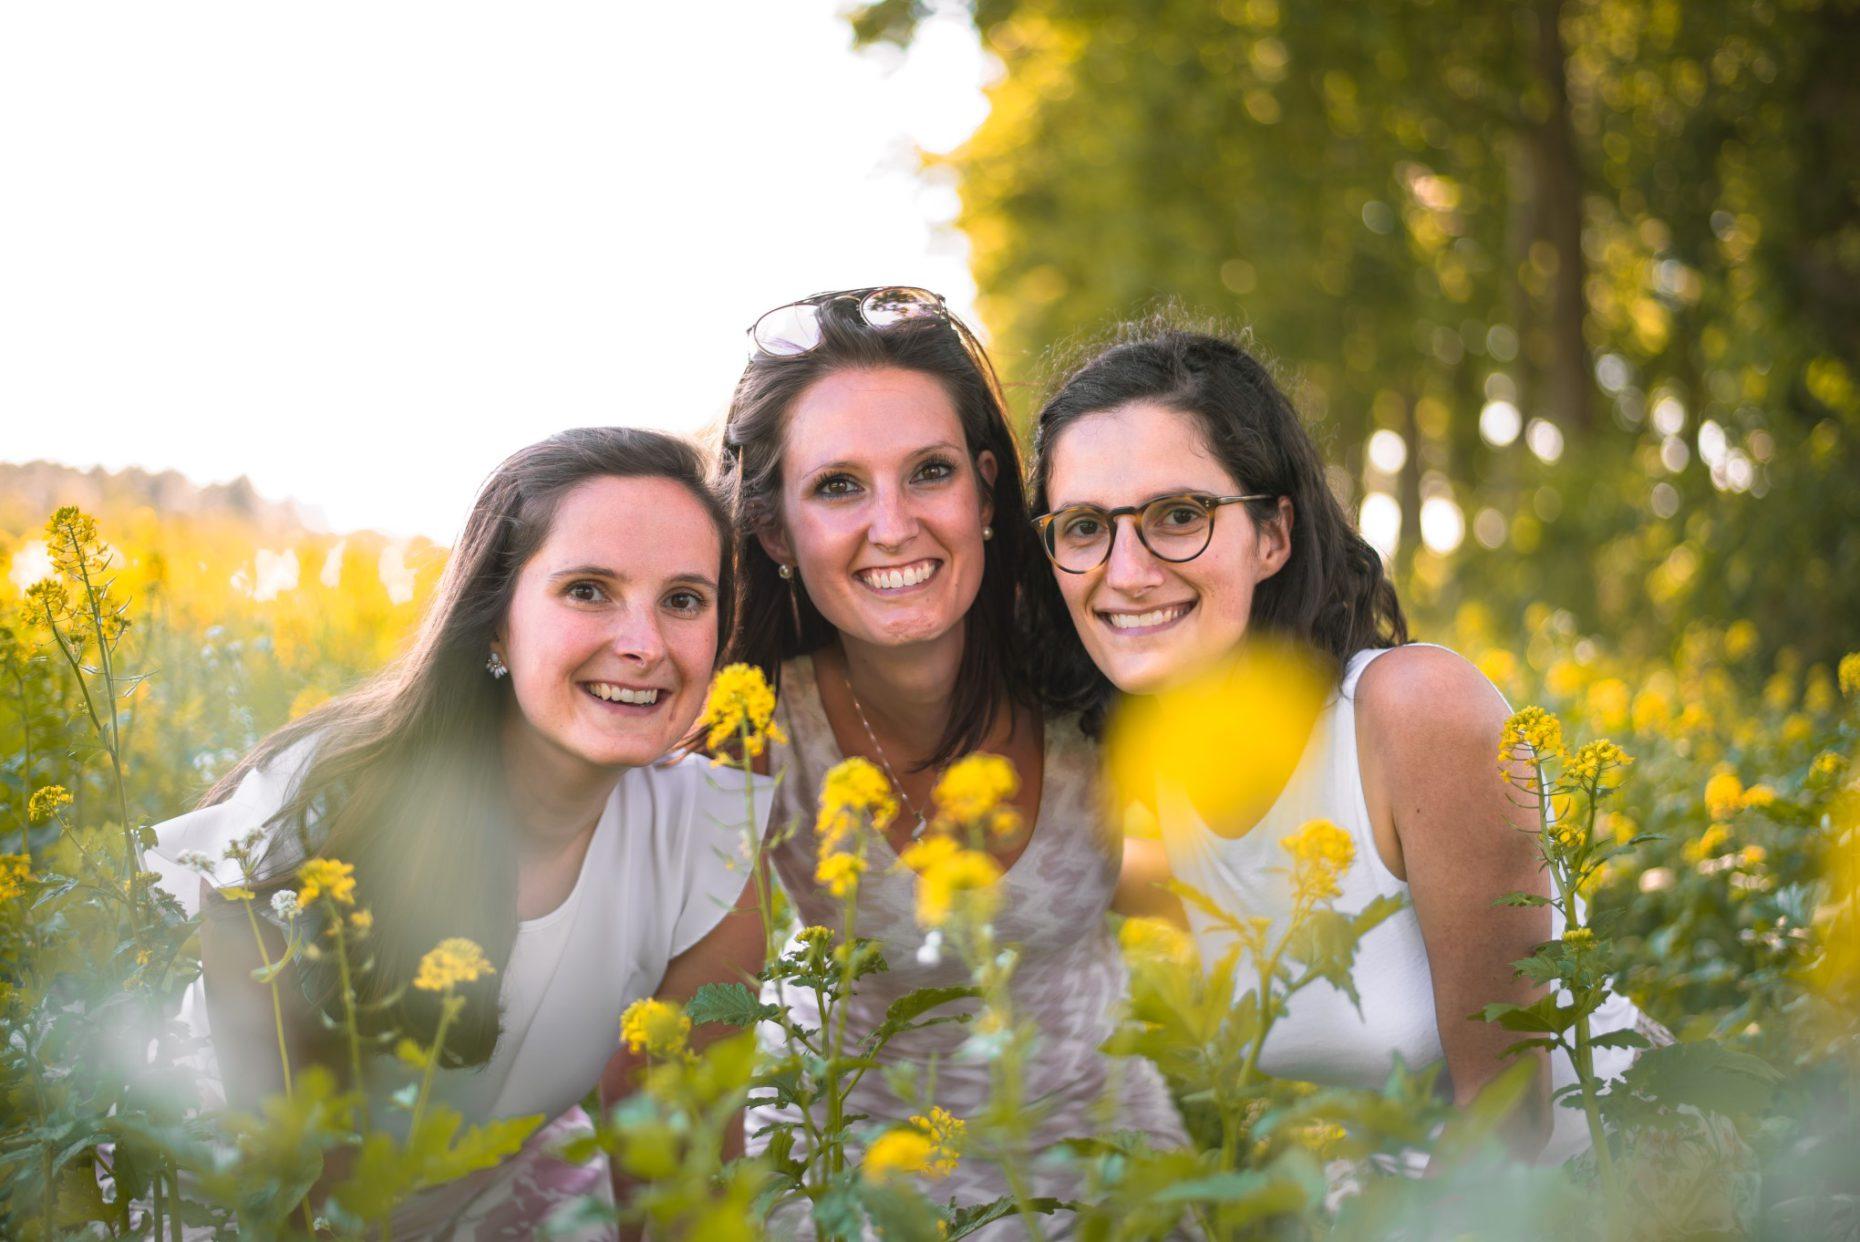 fotoshoot-familie-zussen